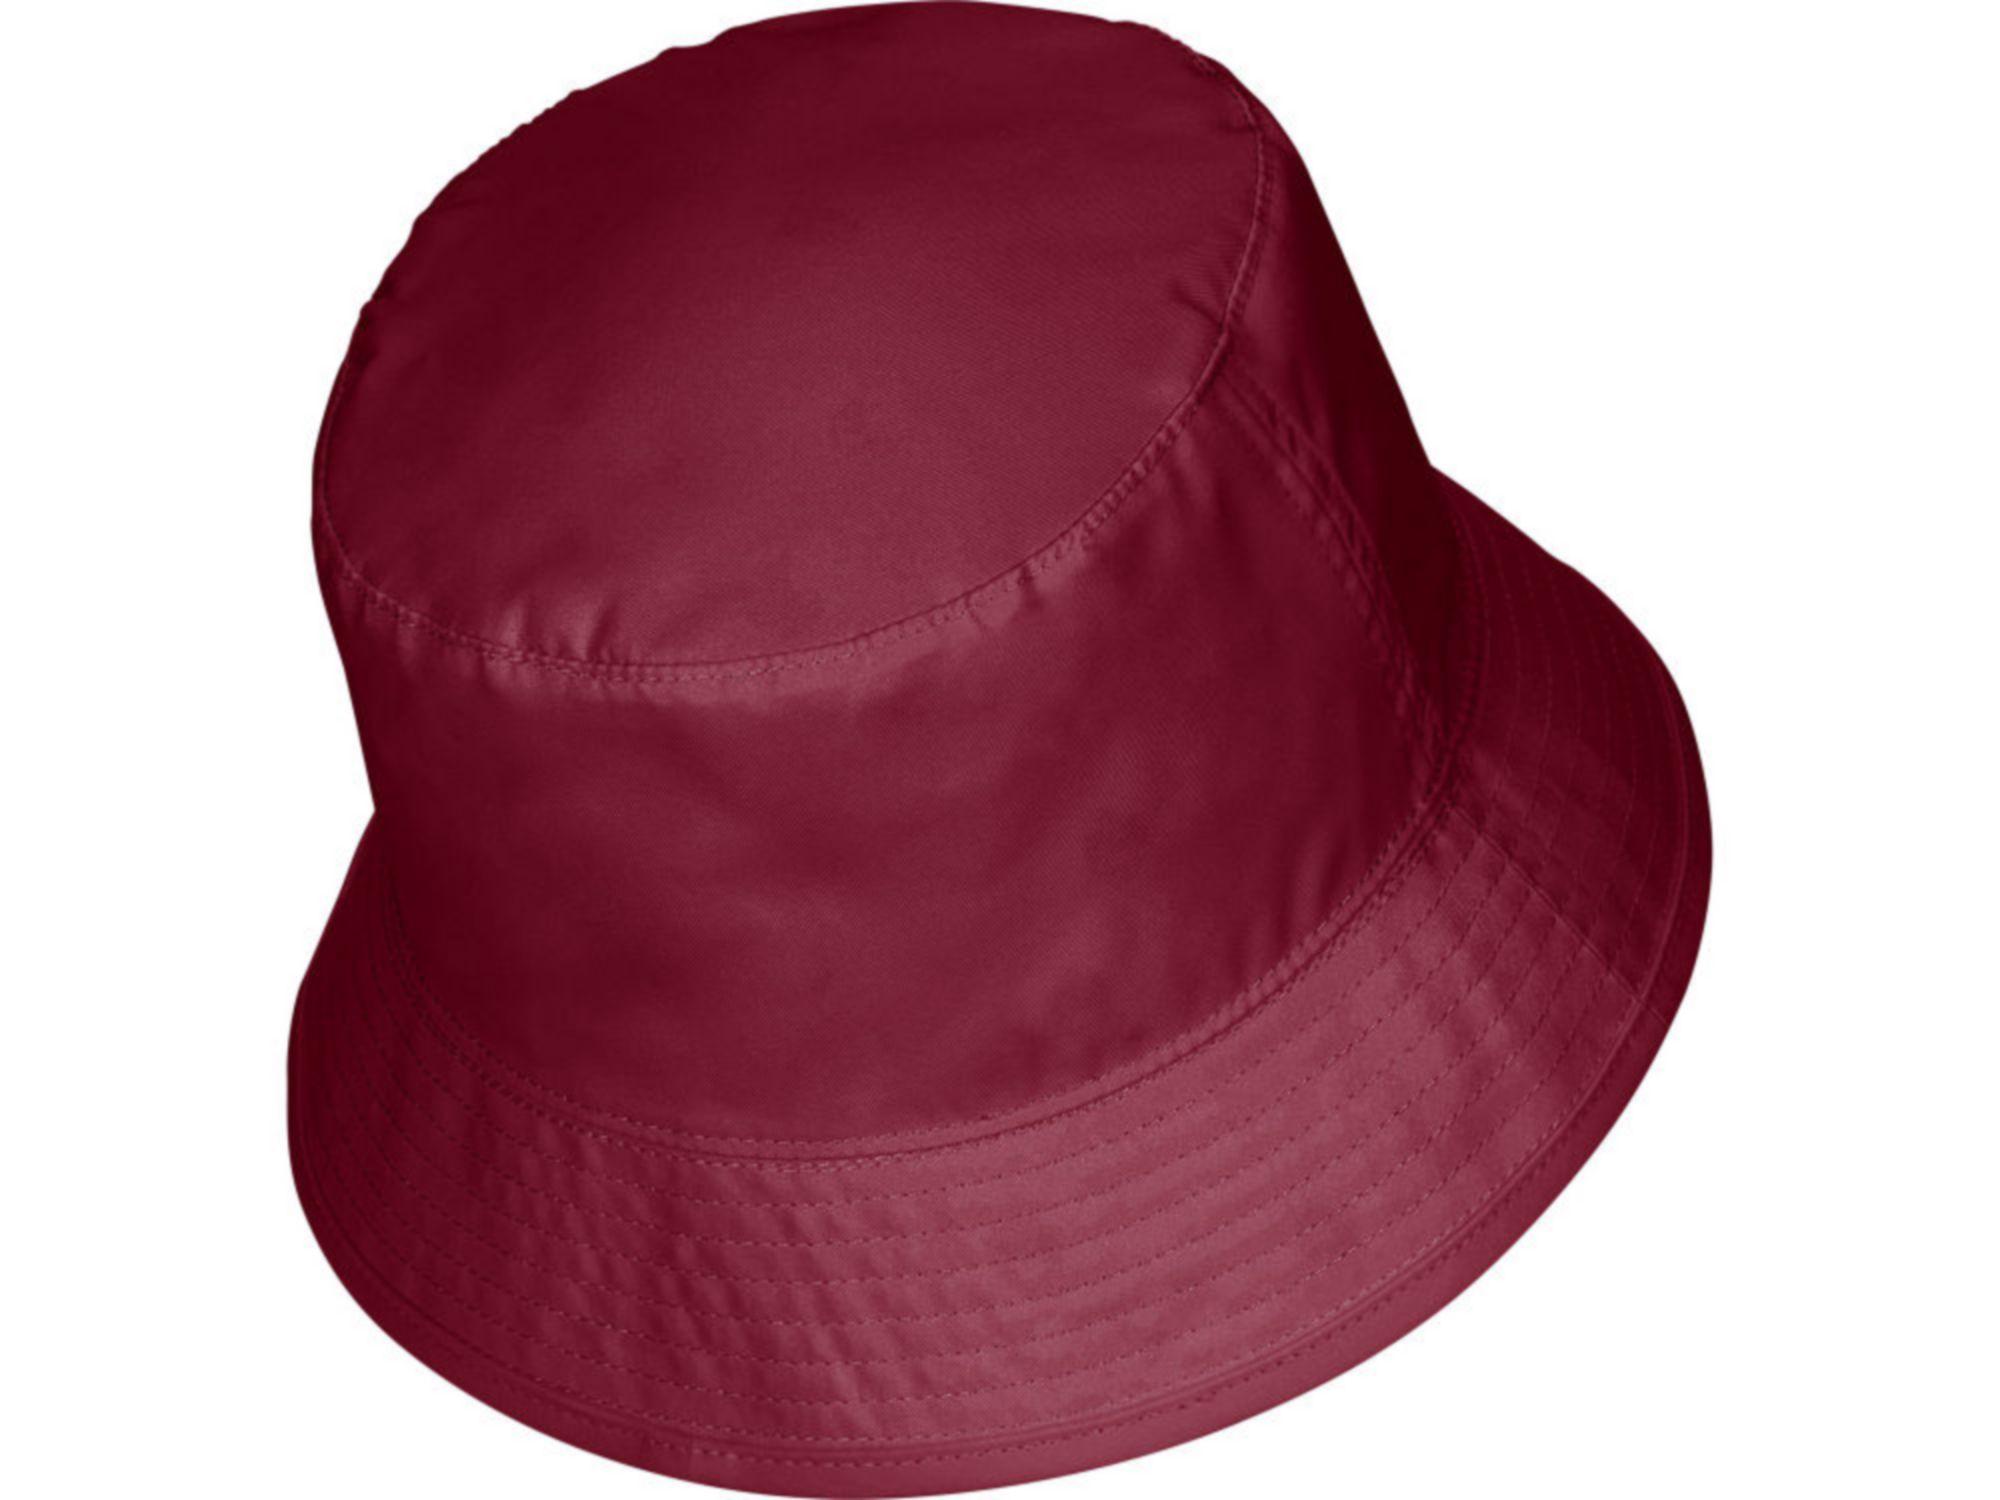 Nike Alabama Crimson Tide Spring Break Bucket Hat & Reviews - NCAA - Sports Fan Shop - Macy's